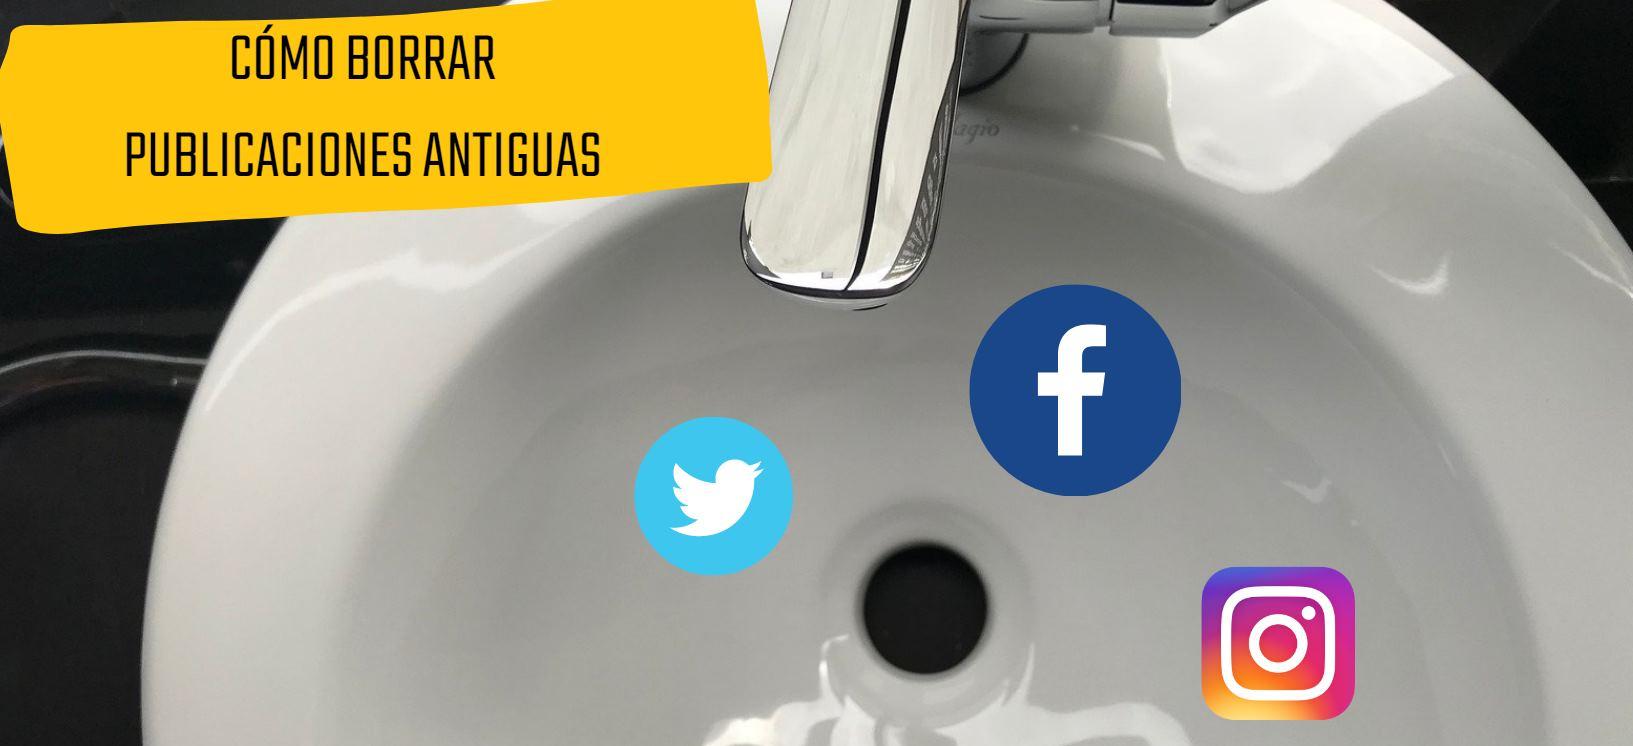 Cómo borrar nuestras publicaciones antiguas en Facebook, Instagram y Twitter